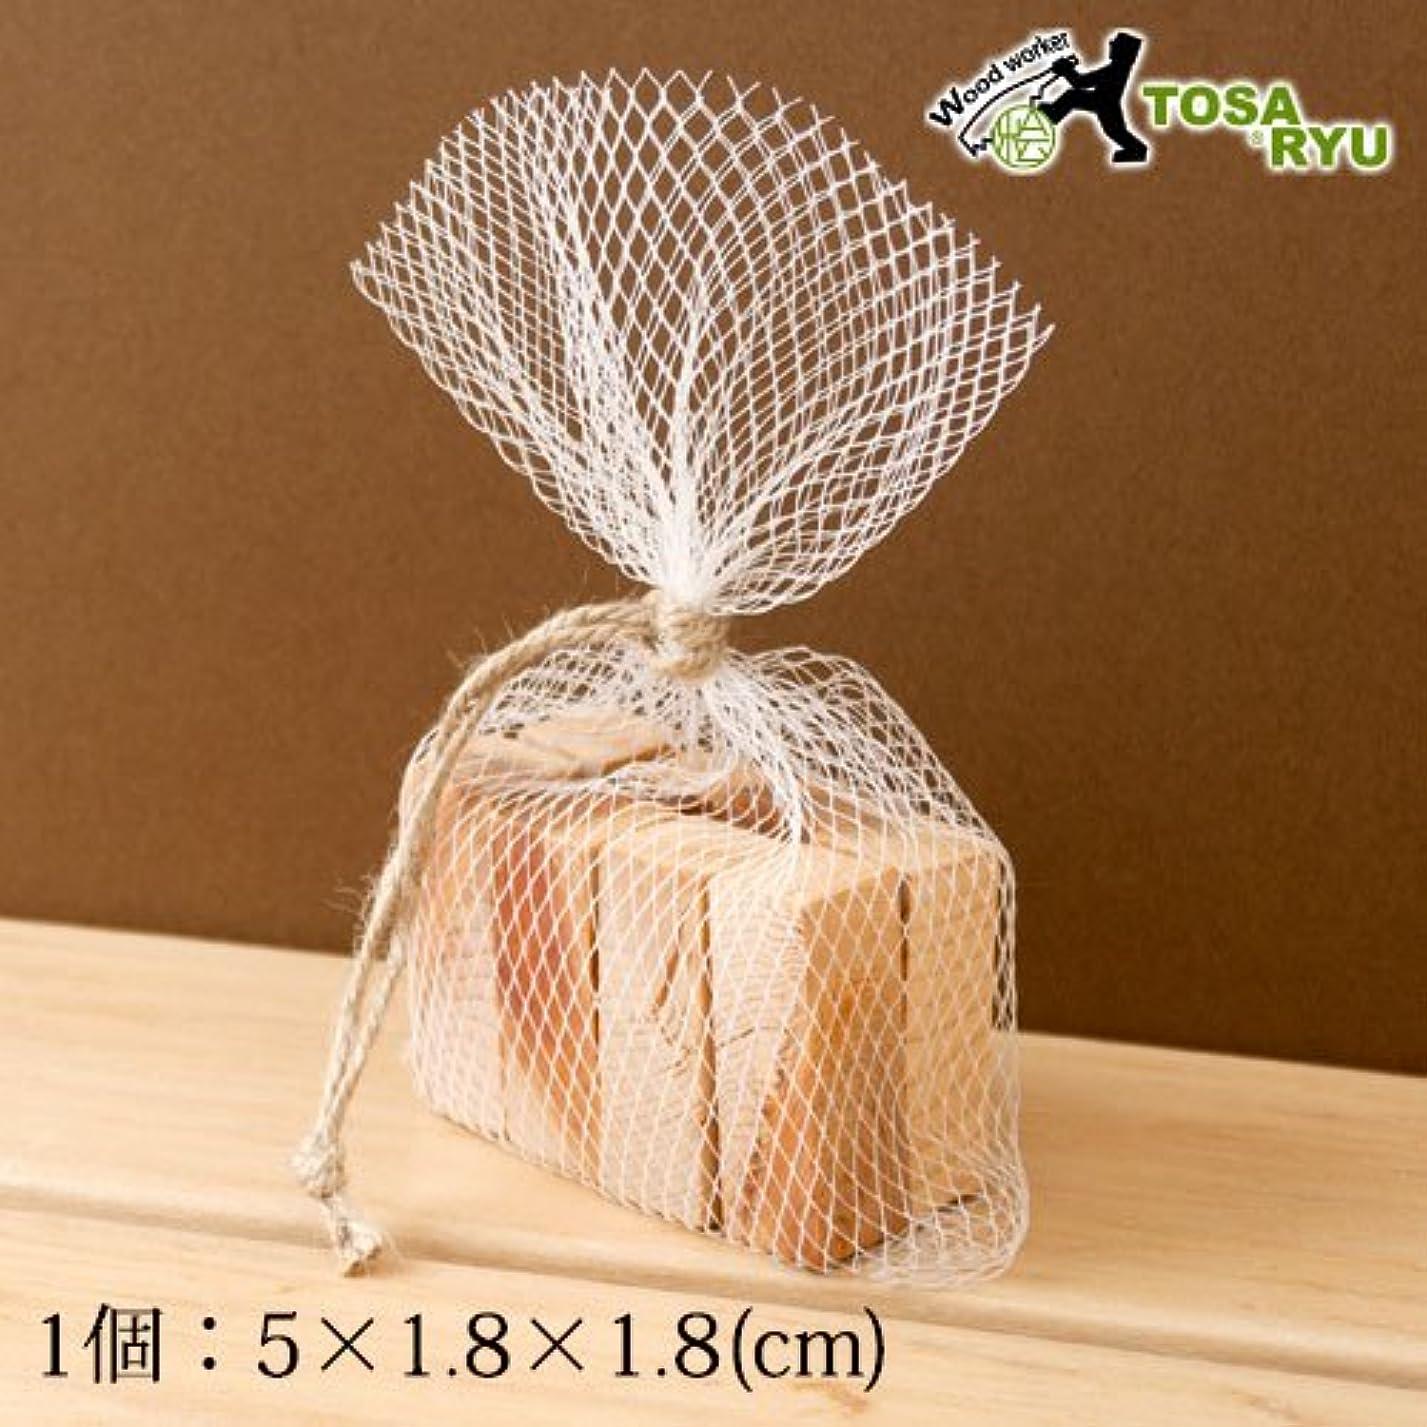 ボイコット抜け目のないリラックスした土佐龍アロマブロックメッシュ袋入り高知県の工芸品Bath additive of cypress, Kochi craft